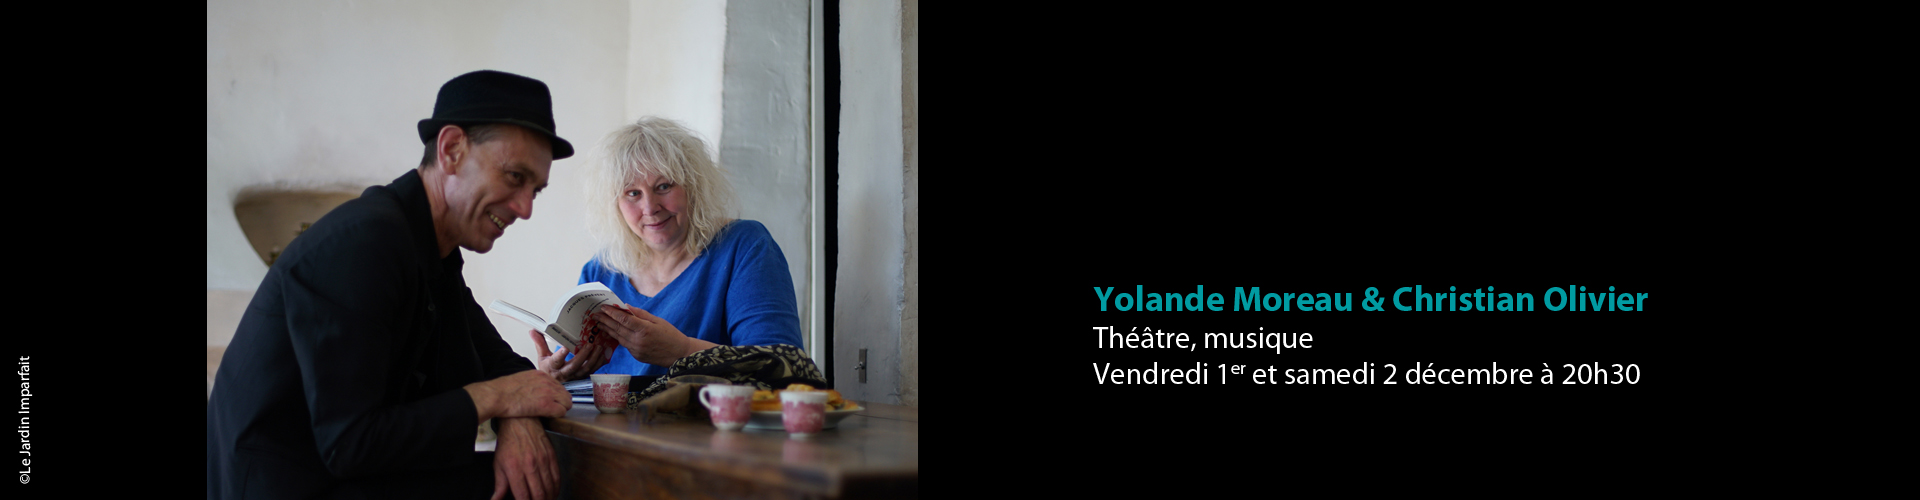 6---Yolande-Moreau